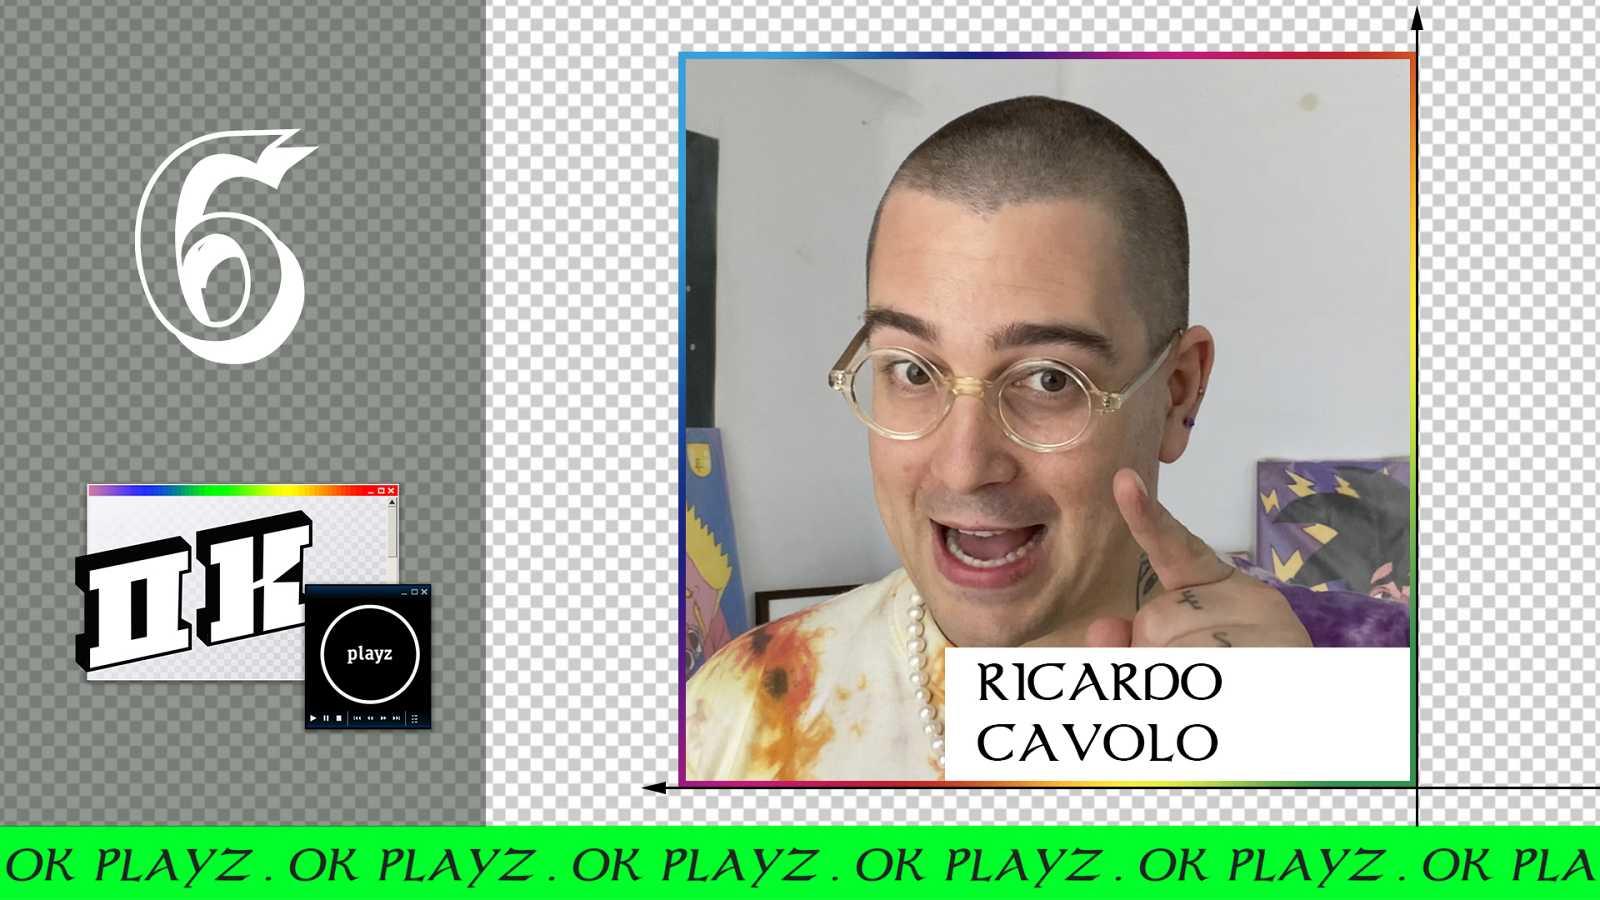 OK Playz - Ricardo Cavolo nos enseña lo qué es el arte marginal